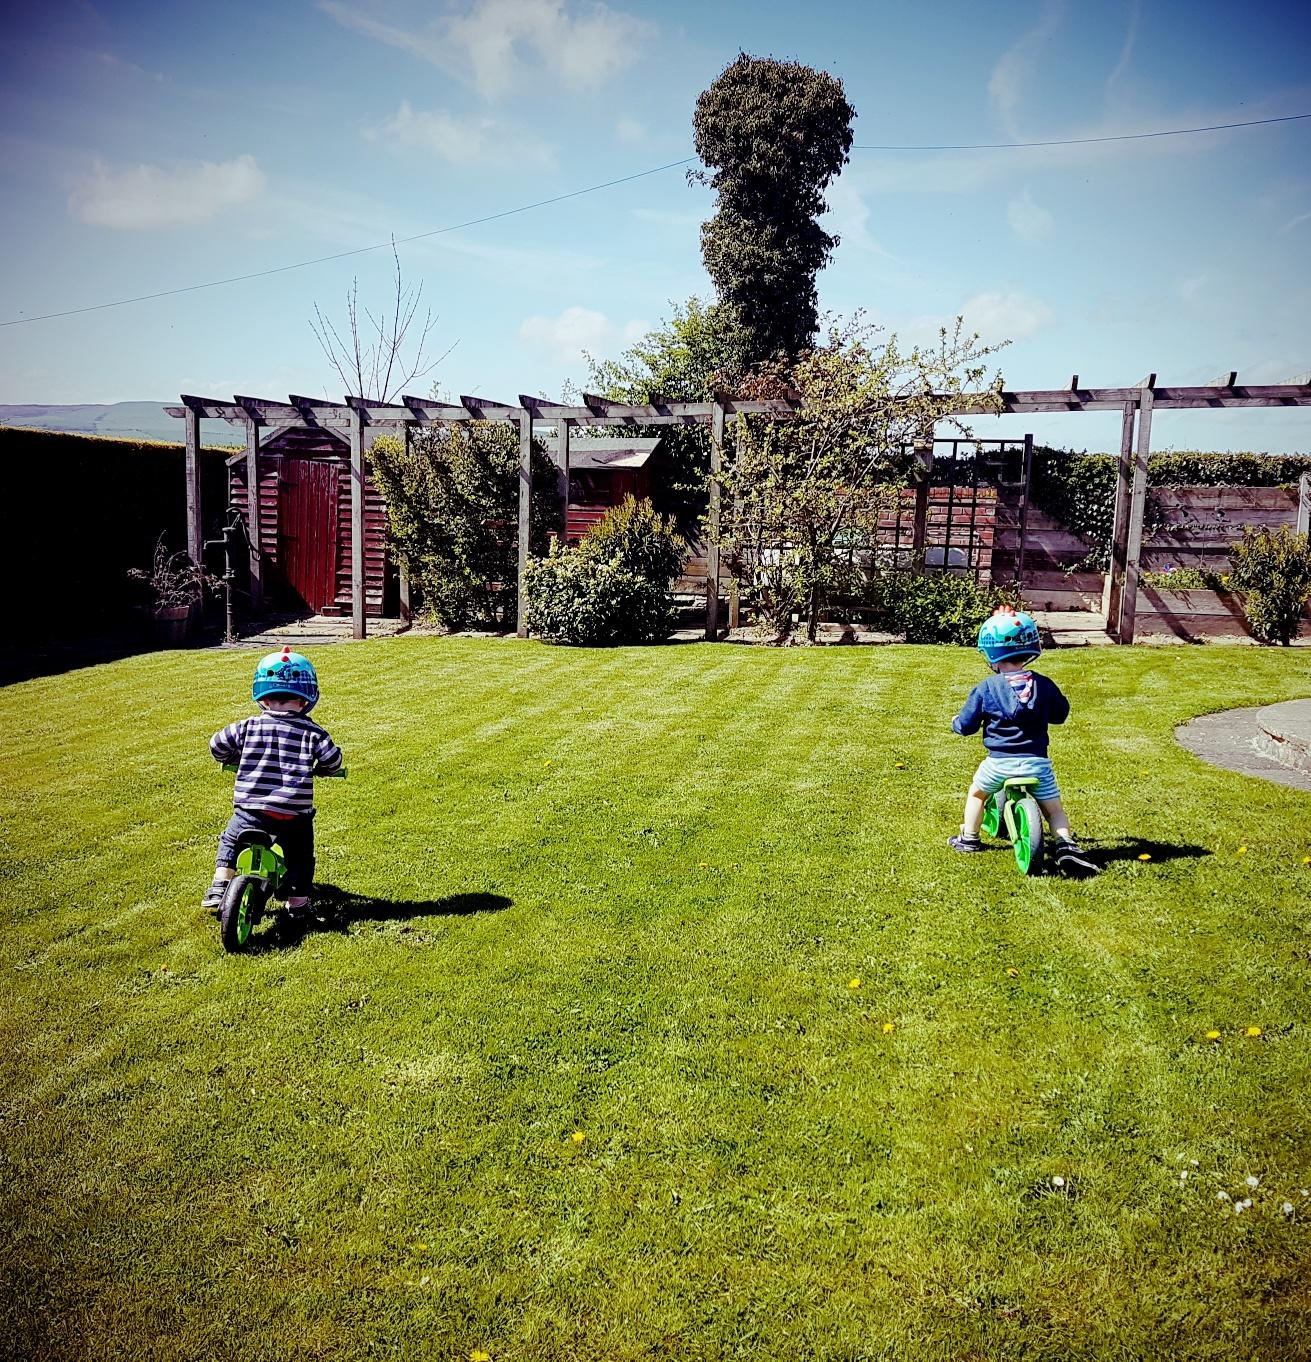 choosing a balance bike